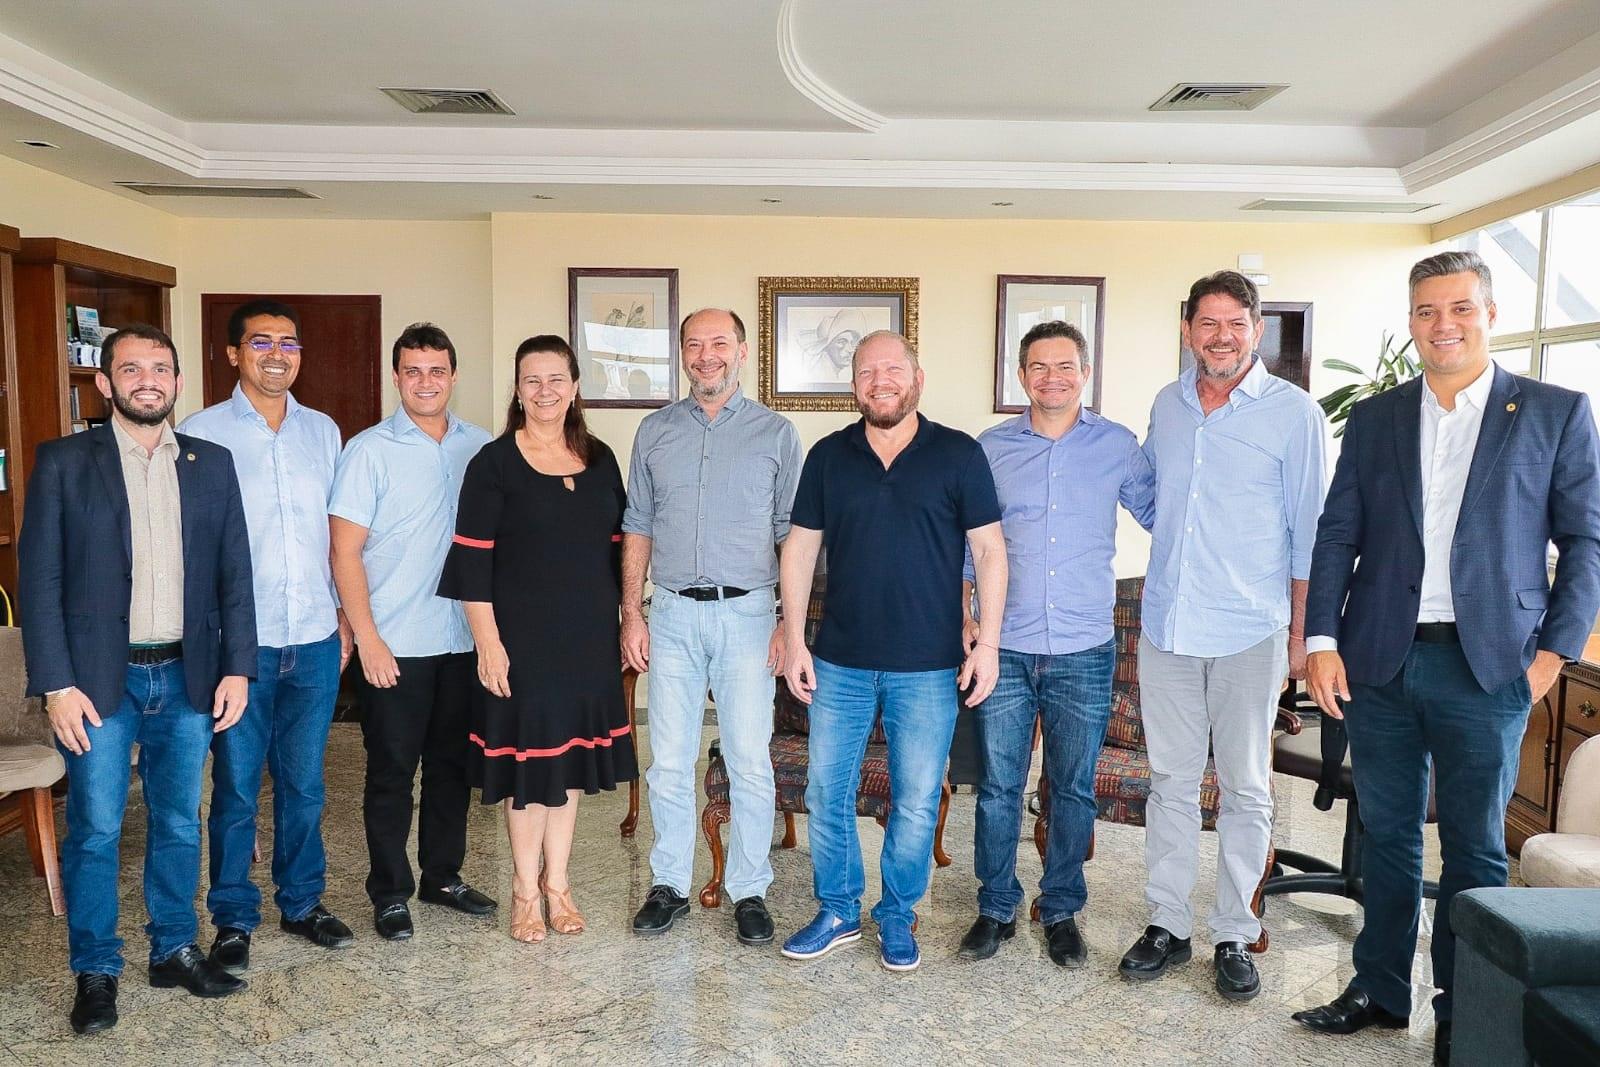 Comitiva de deputados maranhenses conhece politica educacional aplicada em Sobral